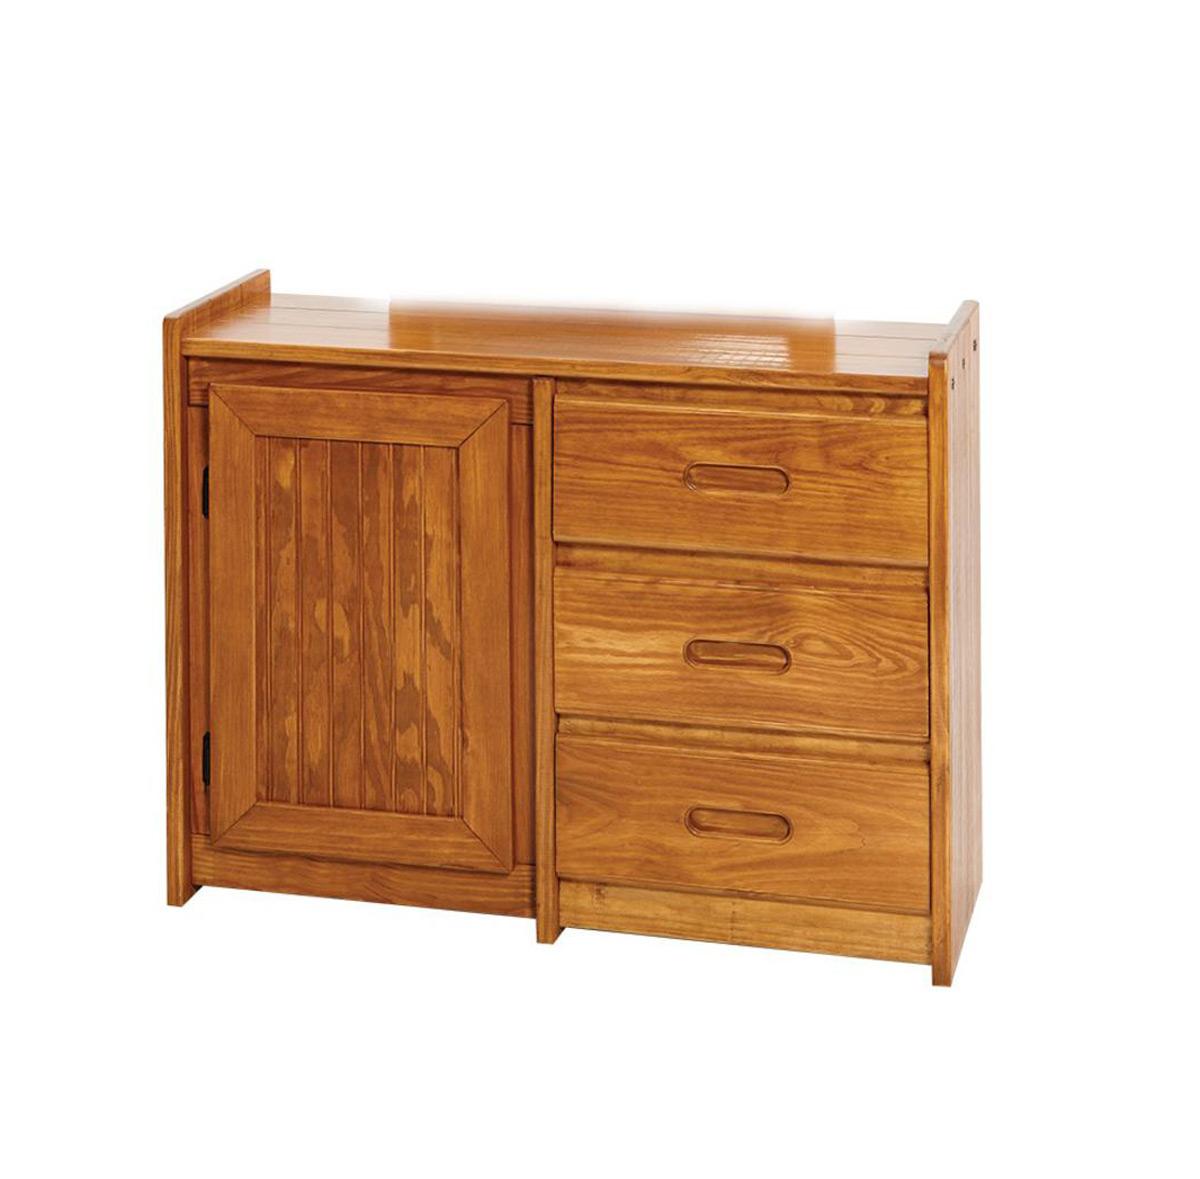 Chelsea Home 360134 3 Drawer Dresser with Storage Door - Honey